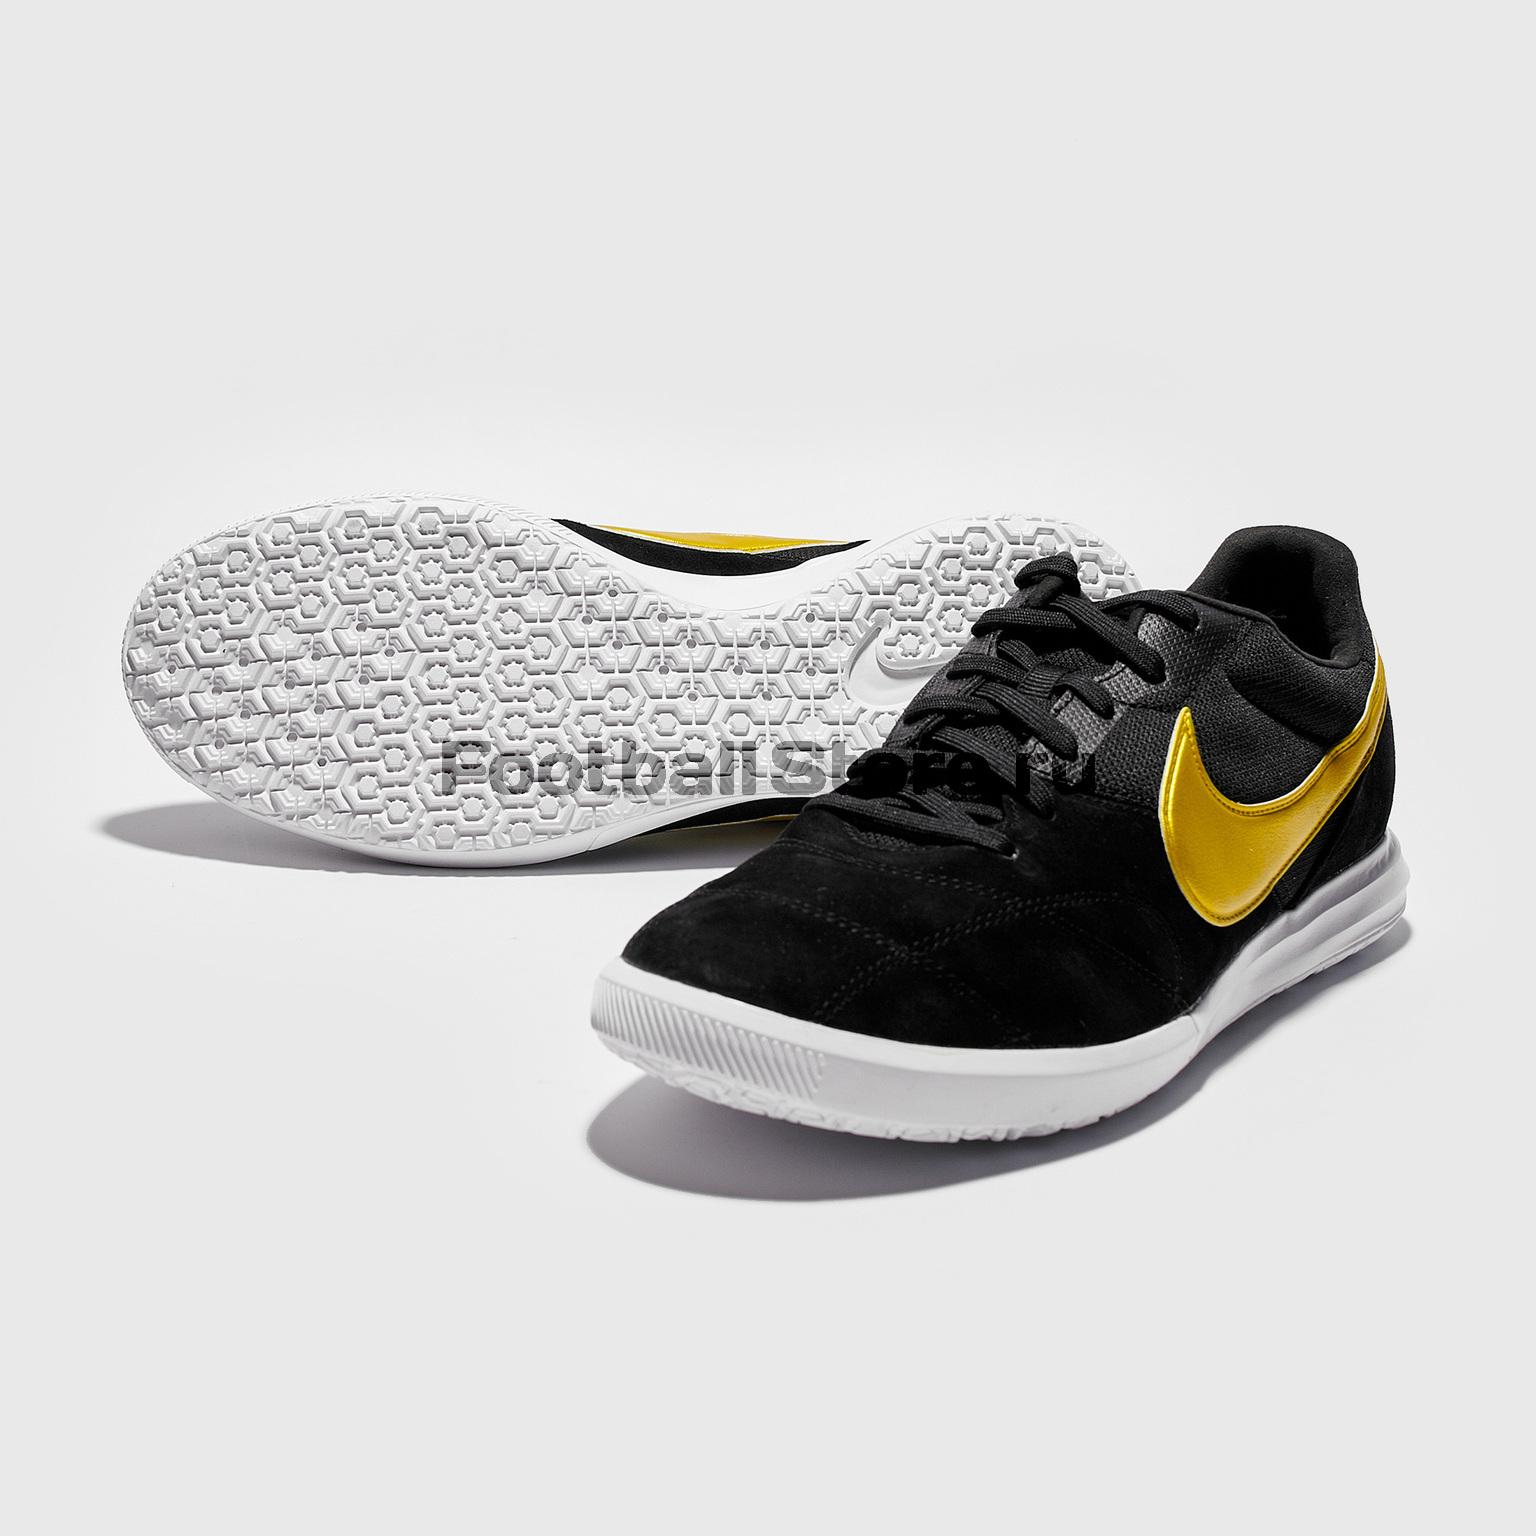 Футзалки Nike Tiempo Premier II Sala AV3153-077 футзалки nike tiempo premier ii sala av3153 010